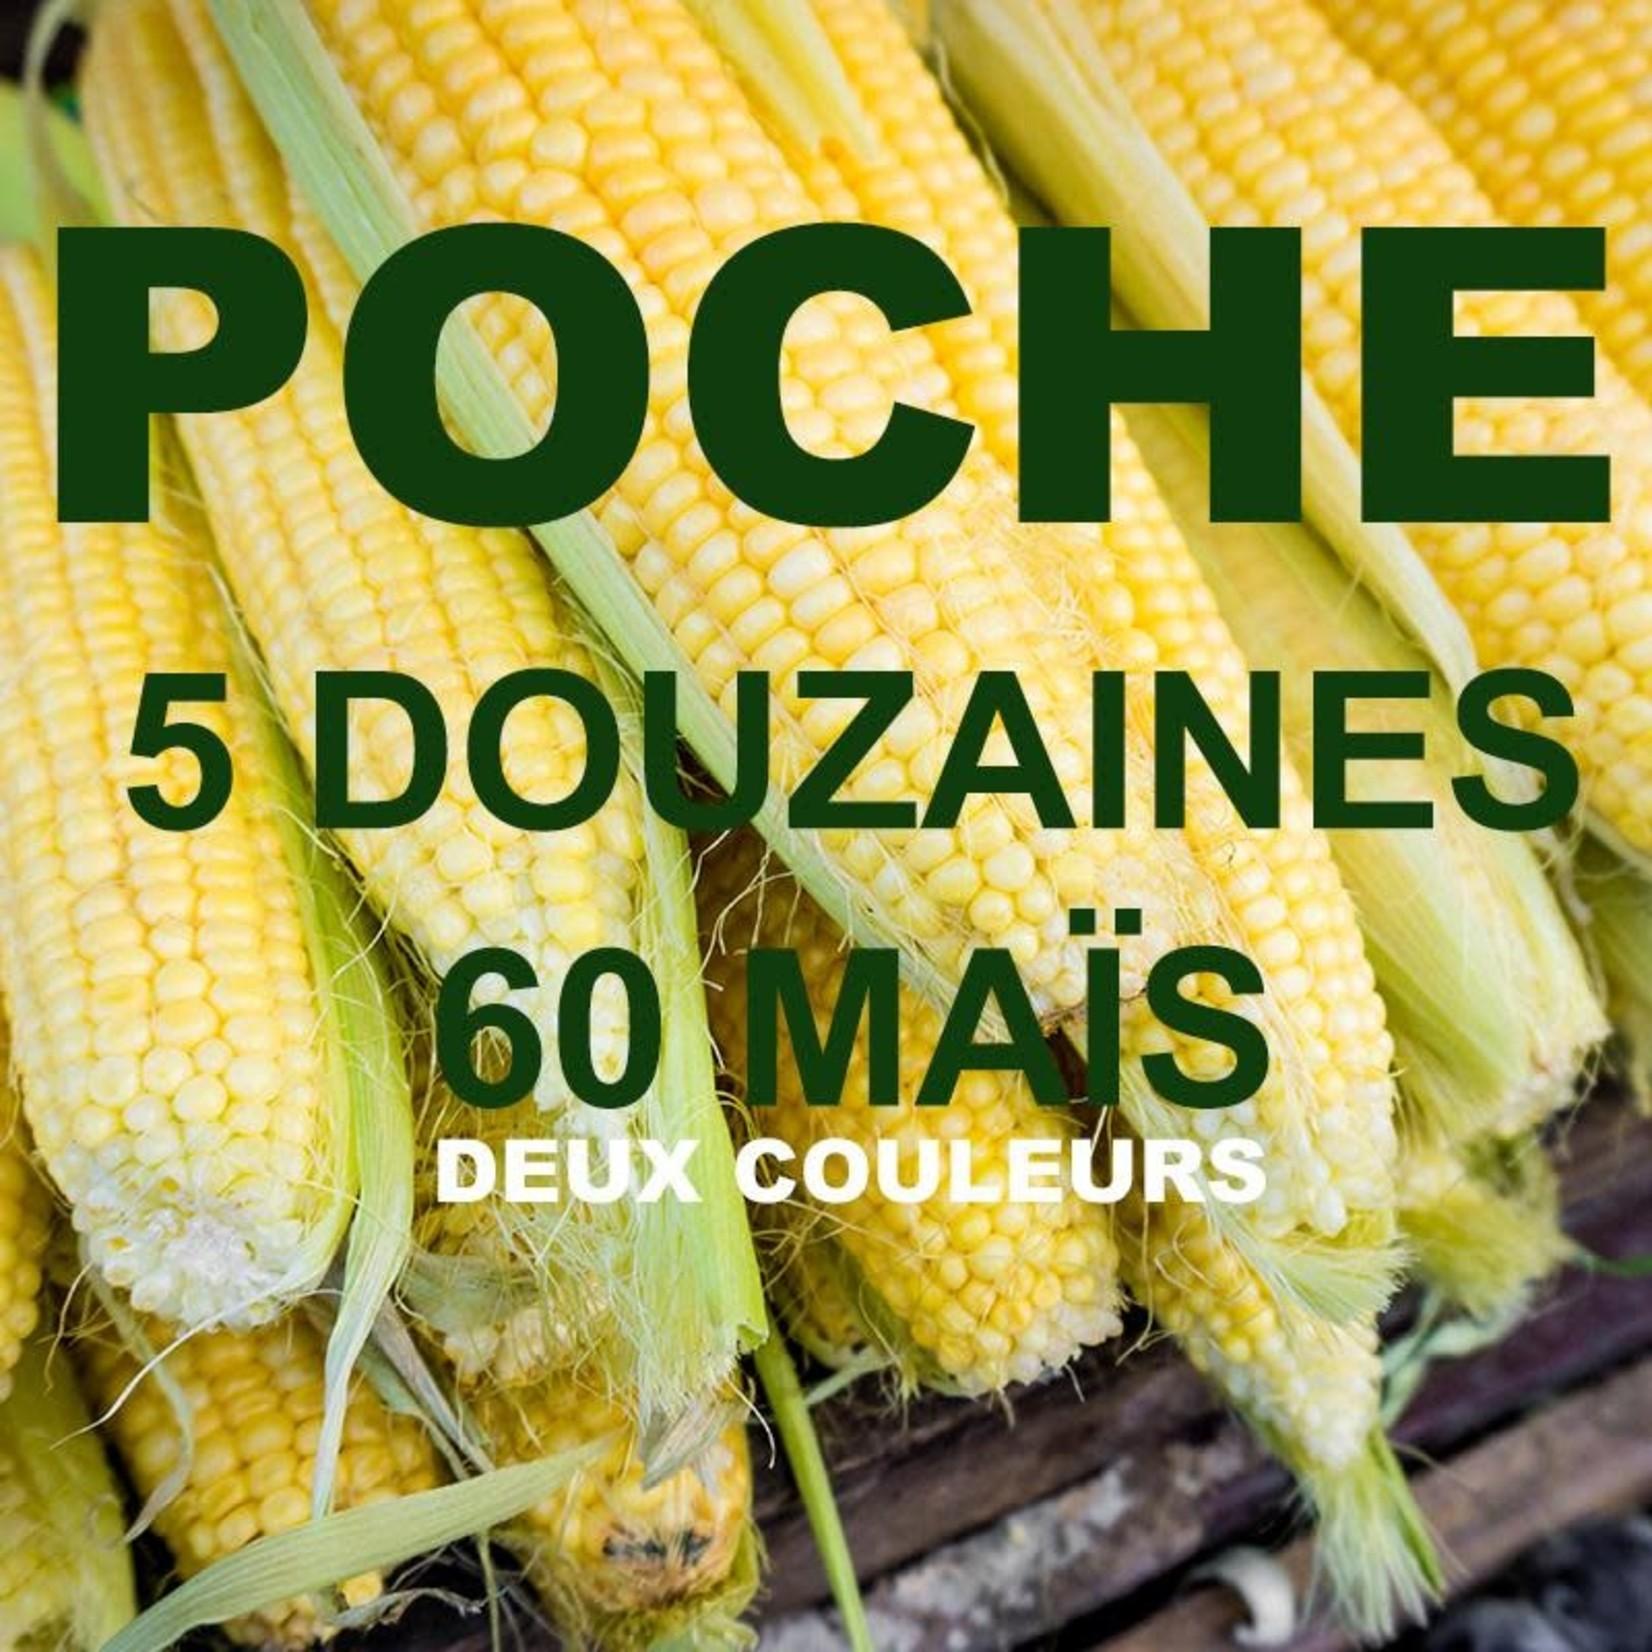 Poche de maïs 2 couleurs